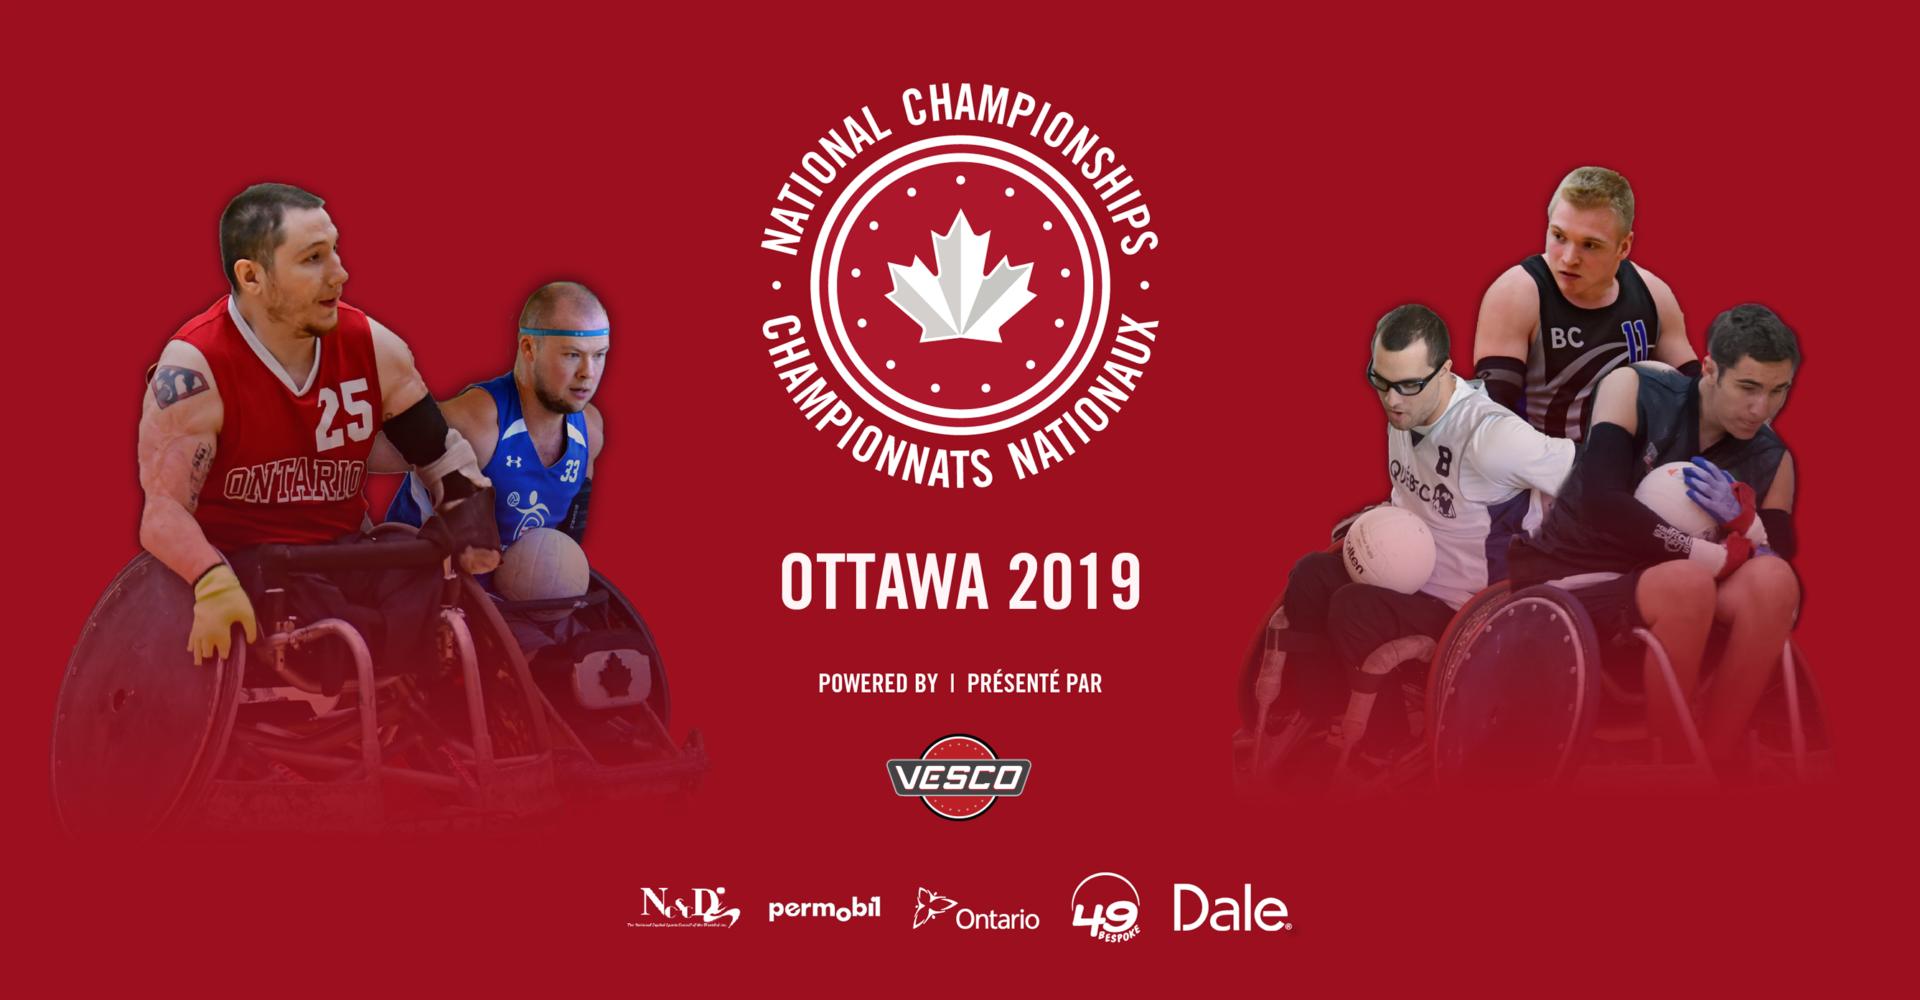 BIENVENUE AUX CHAMPIONNATS NATIONAUX 2019!